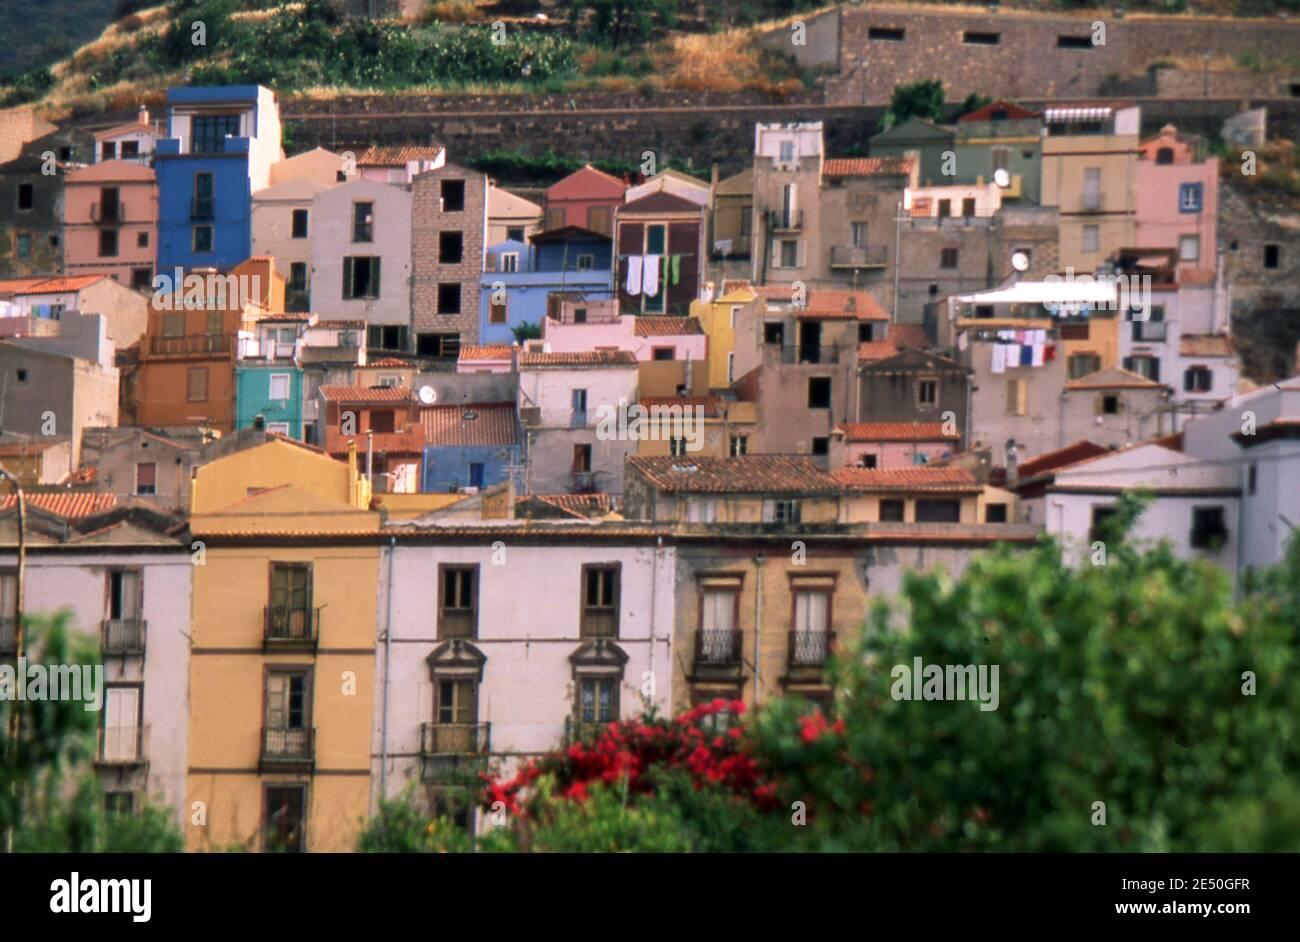 Bosa, Cerdeña, Italia. Ciudad antigua (escaneado desde el portaobjetos de color) Foto de stock